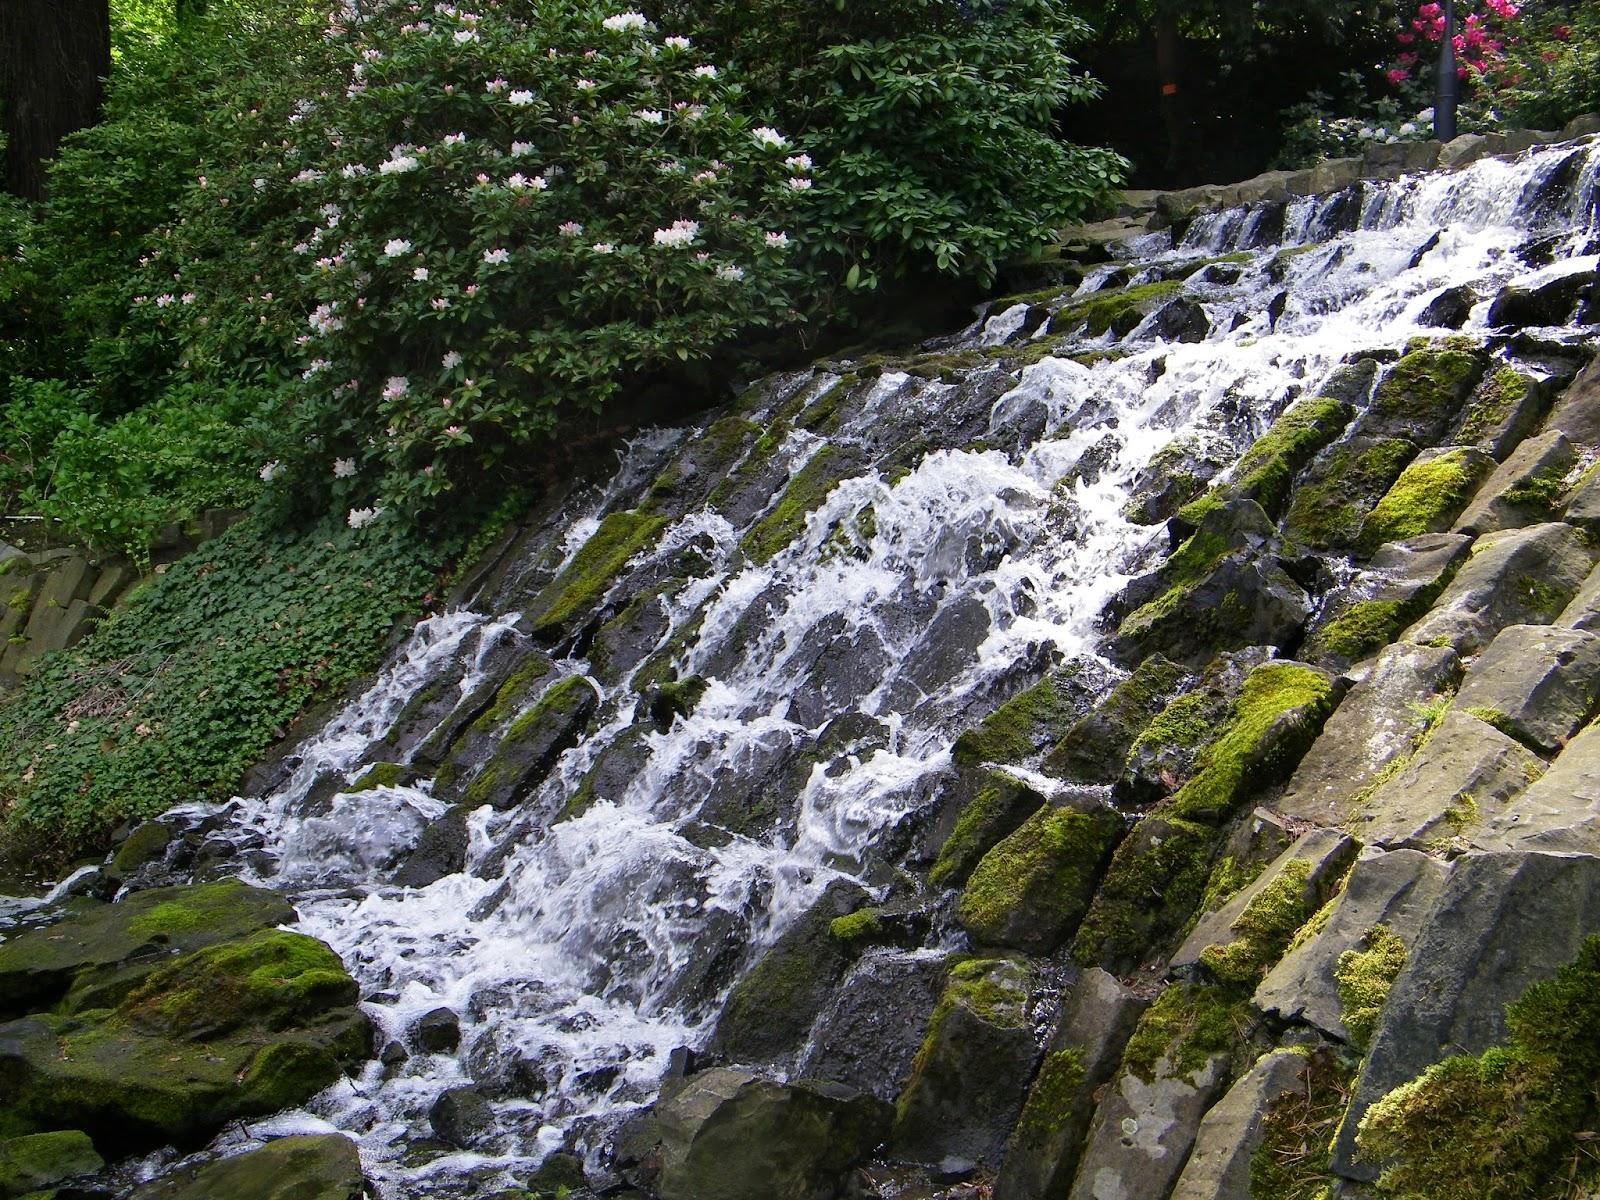 wodne kaskady w ogrodzie